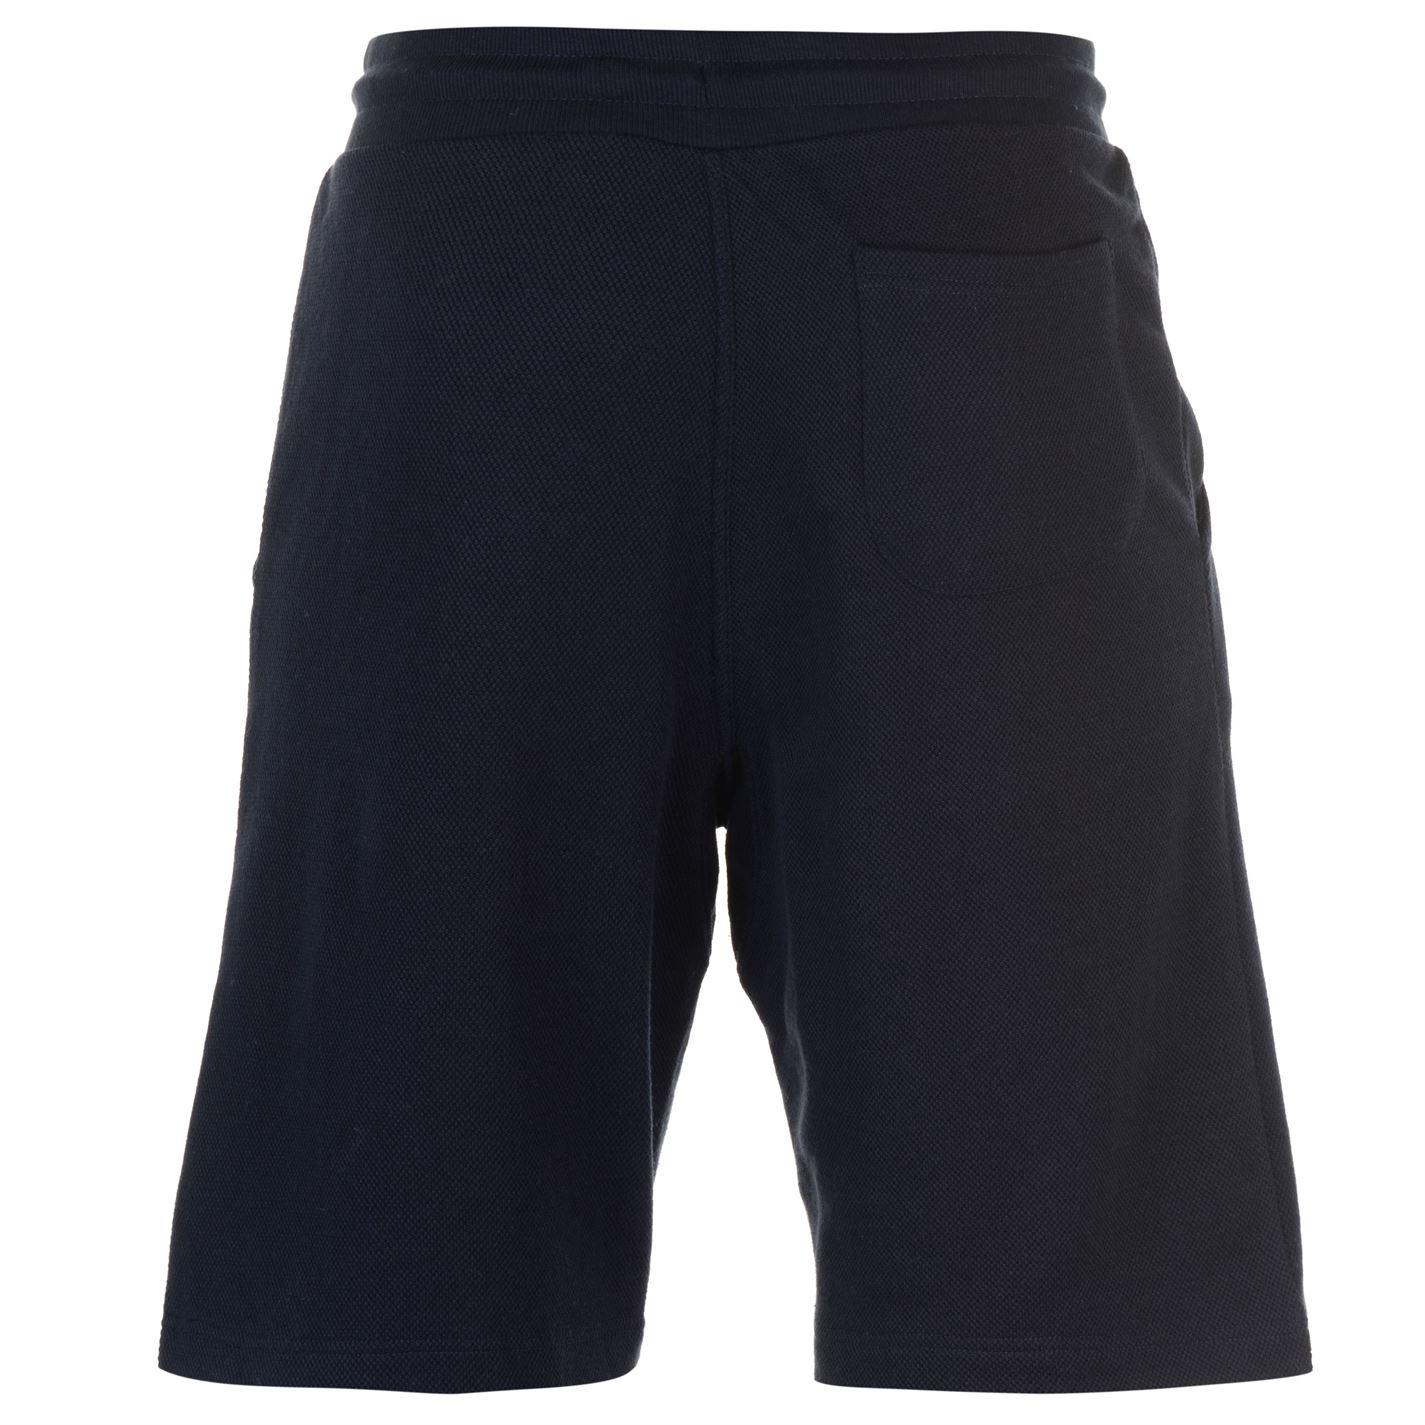 Pierre Cardin Homme Pique Short Polaire Pantalon Pantalon avec cordon de serrage